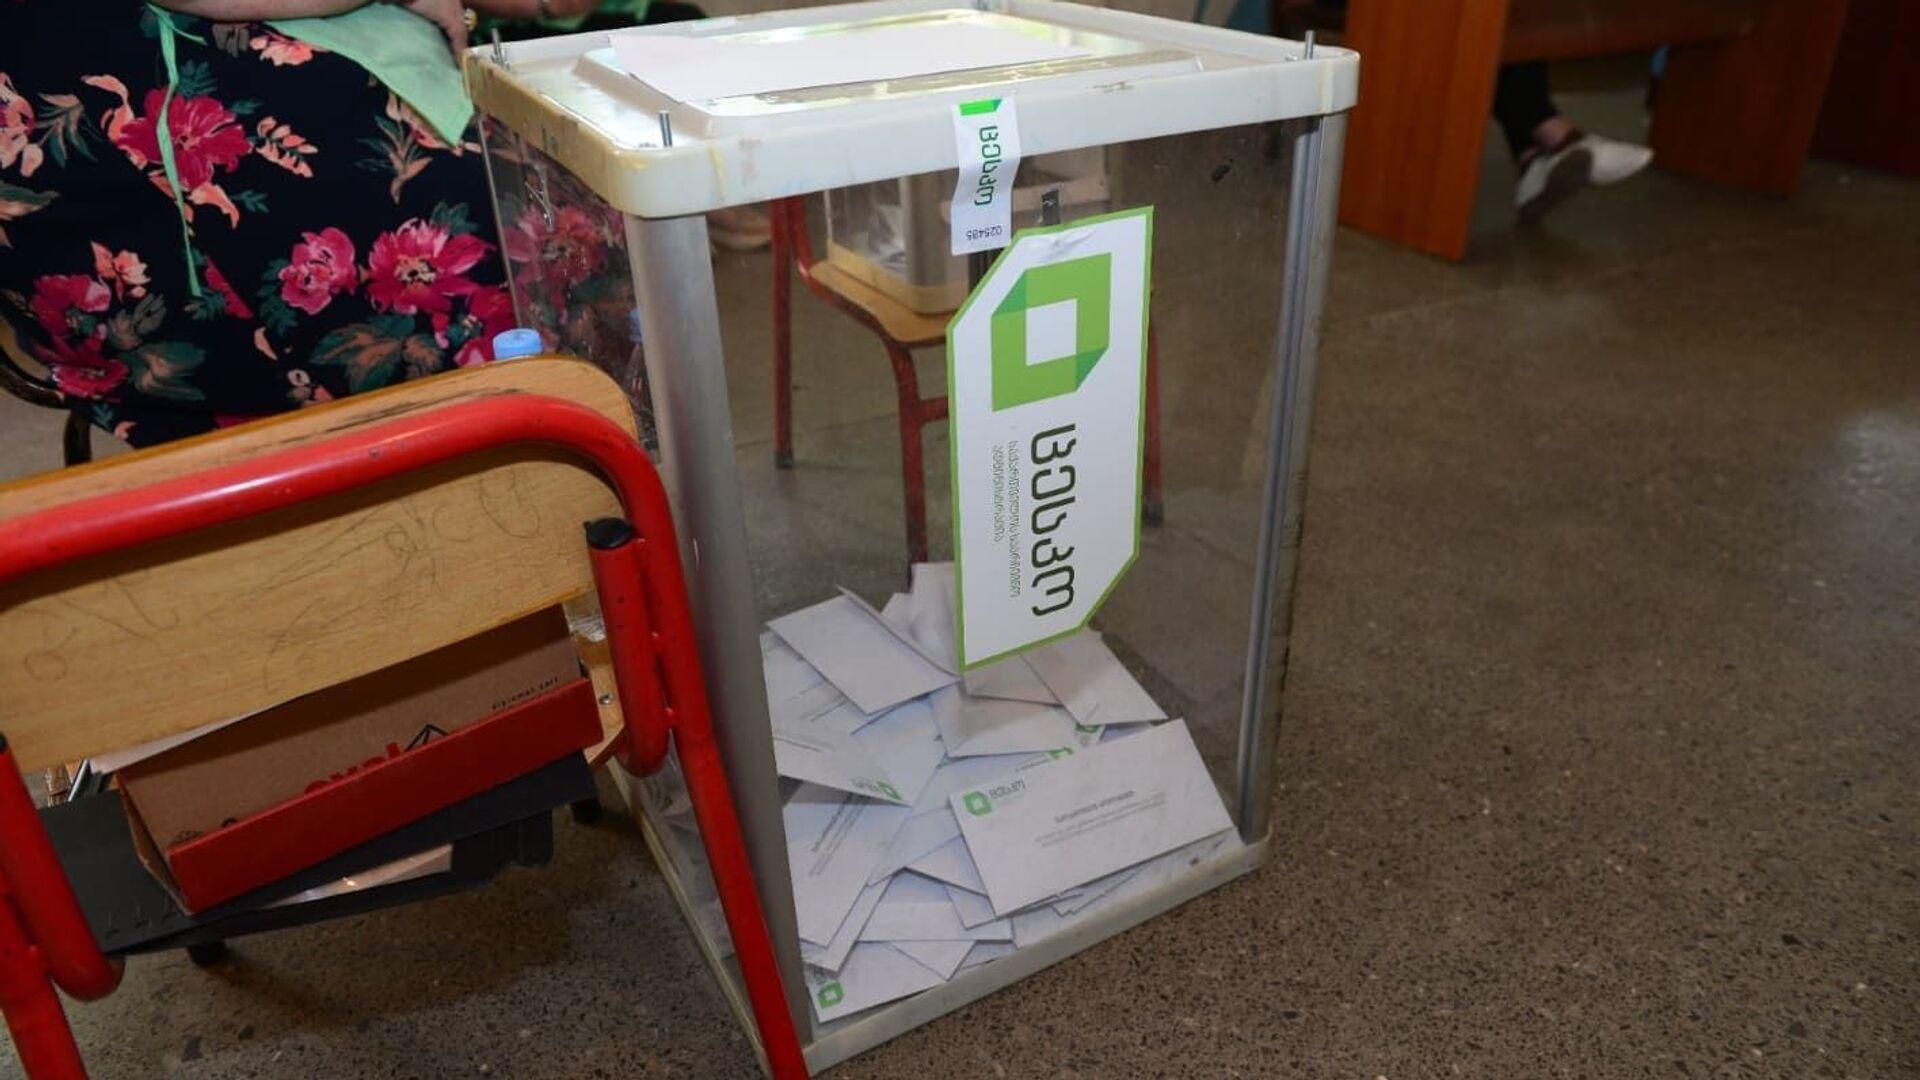 Избирательные бюллетени в урне для голосования - Sputnik Грузия, 1920, 06.09.2021